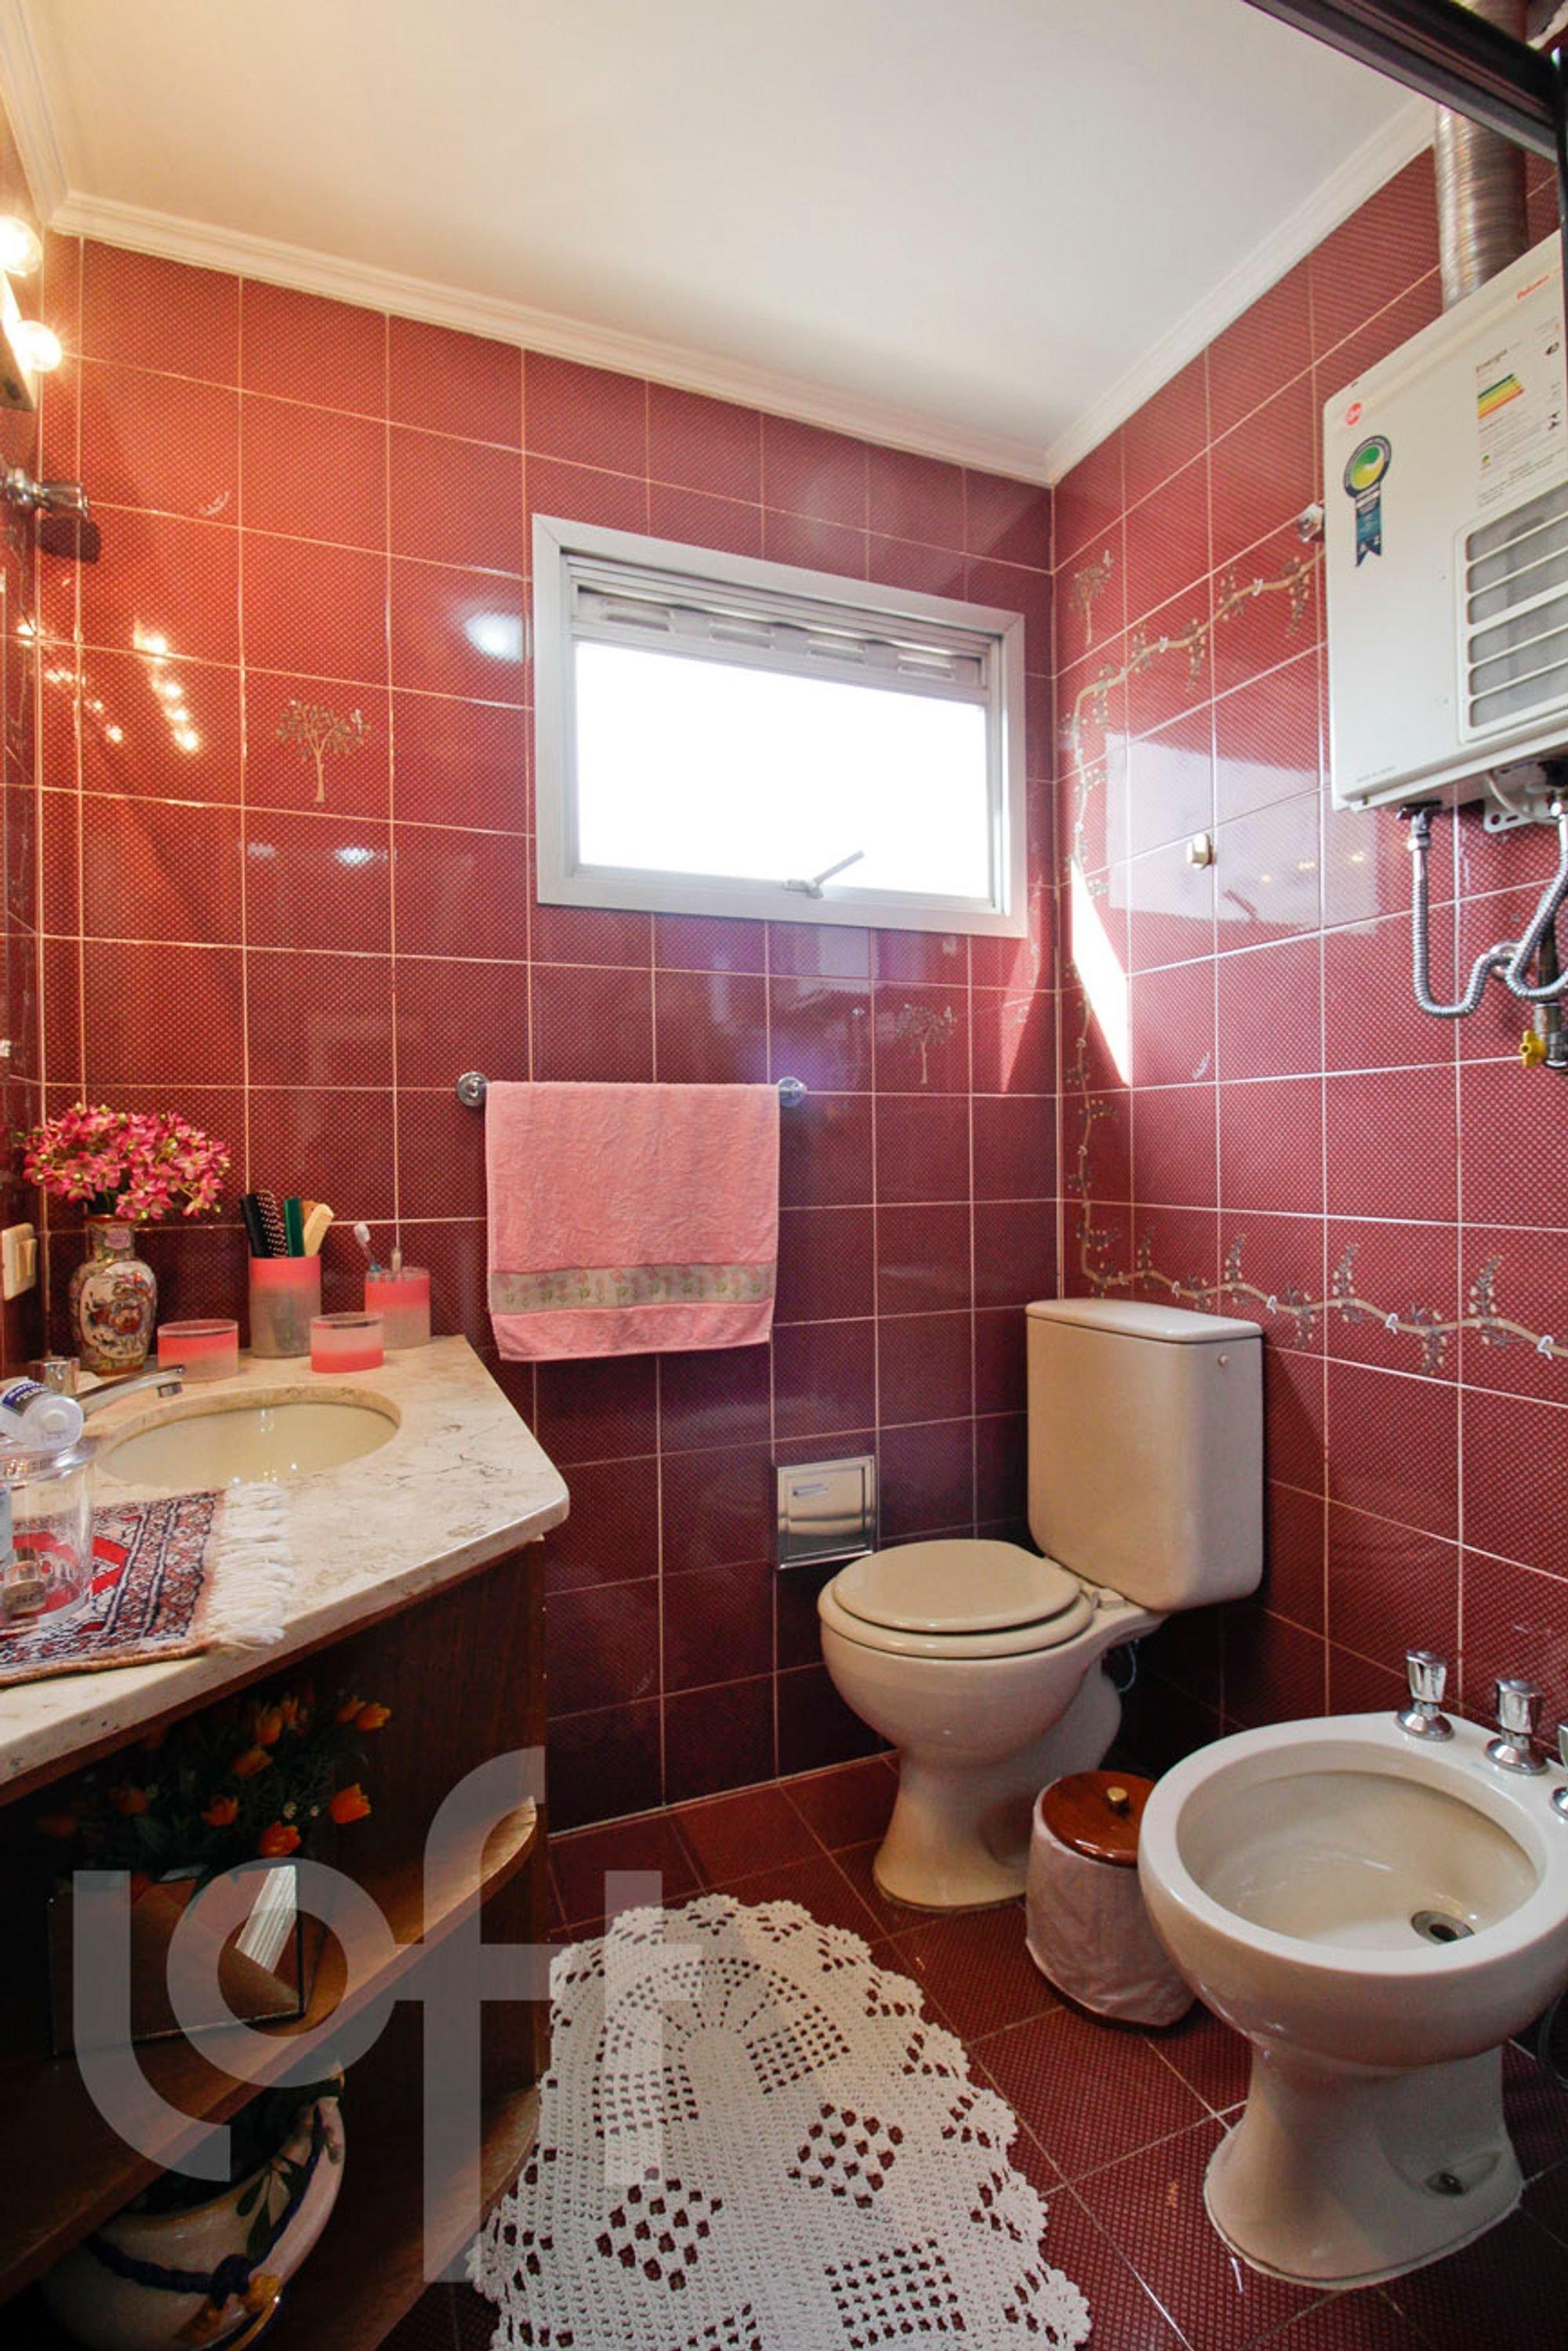 Foto de Banheiro com vaso de planta, vaso sanitário, vaso, pia